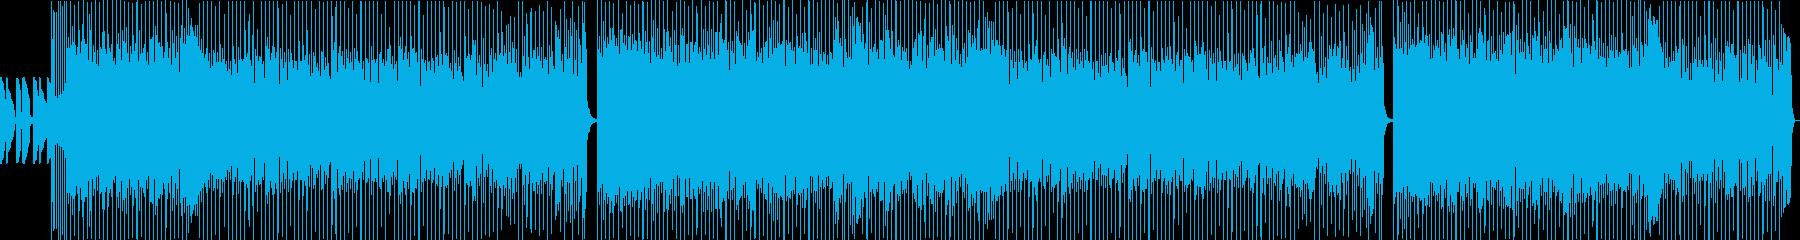 さわやかなポップスロックの再生済みの波形